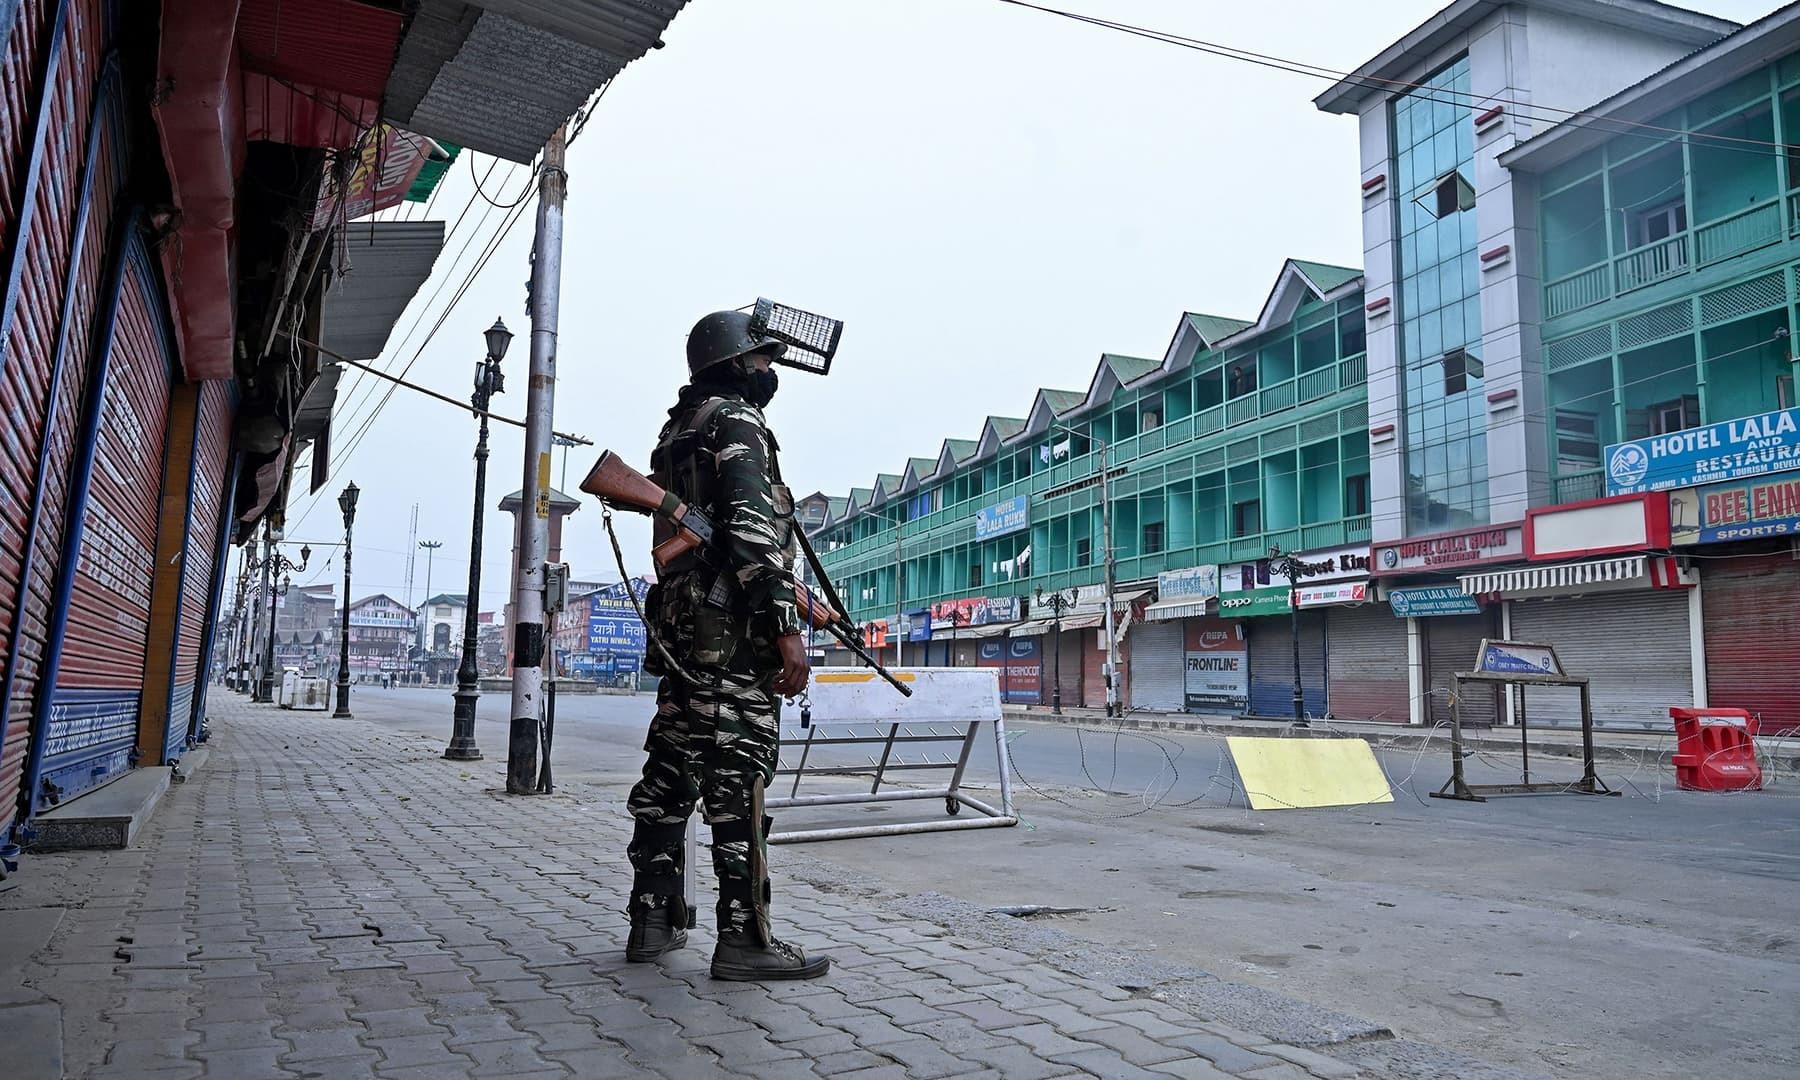 مظاہرین نے آزادی اور عمران خان کے حق میں نعرے لگائے—فوٹو:اے ایف پی